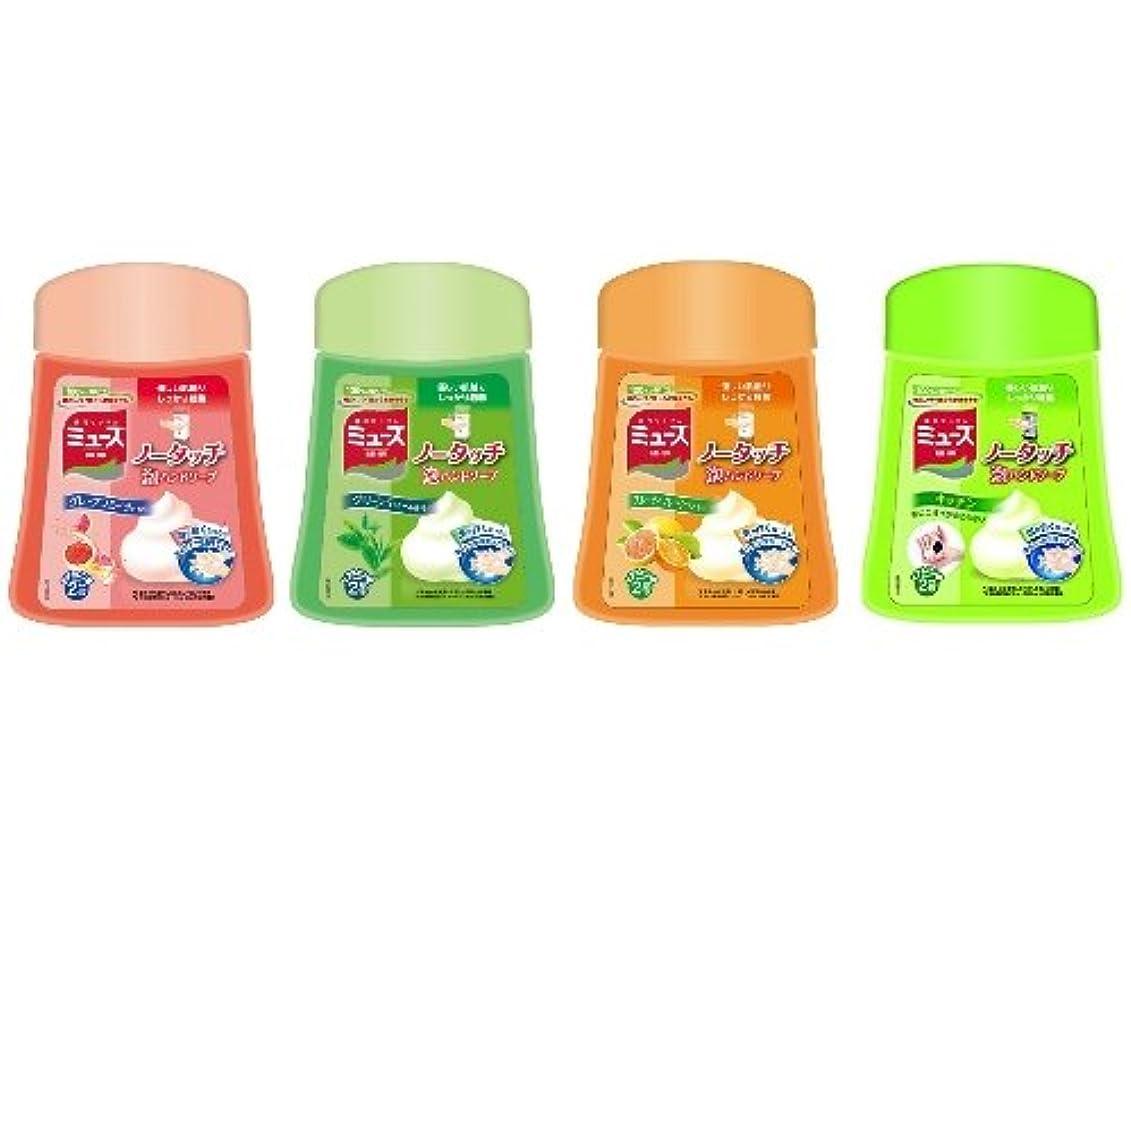 ミューズ ノータッチ 泡ハンドソープ 詰替え 4種の色と香りボトル 250ml×4個 薬用ハンドソープ 手洗い 殺菌 消毒